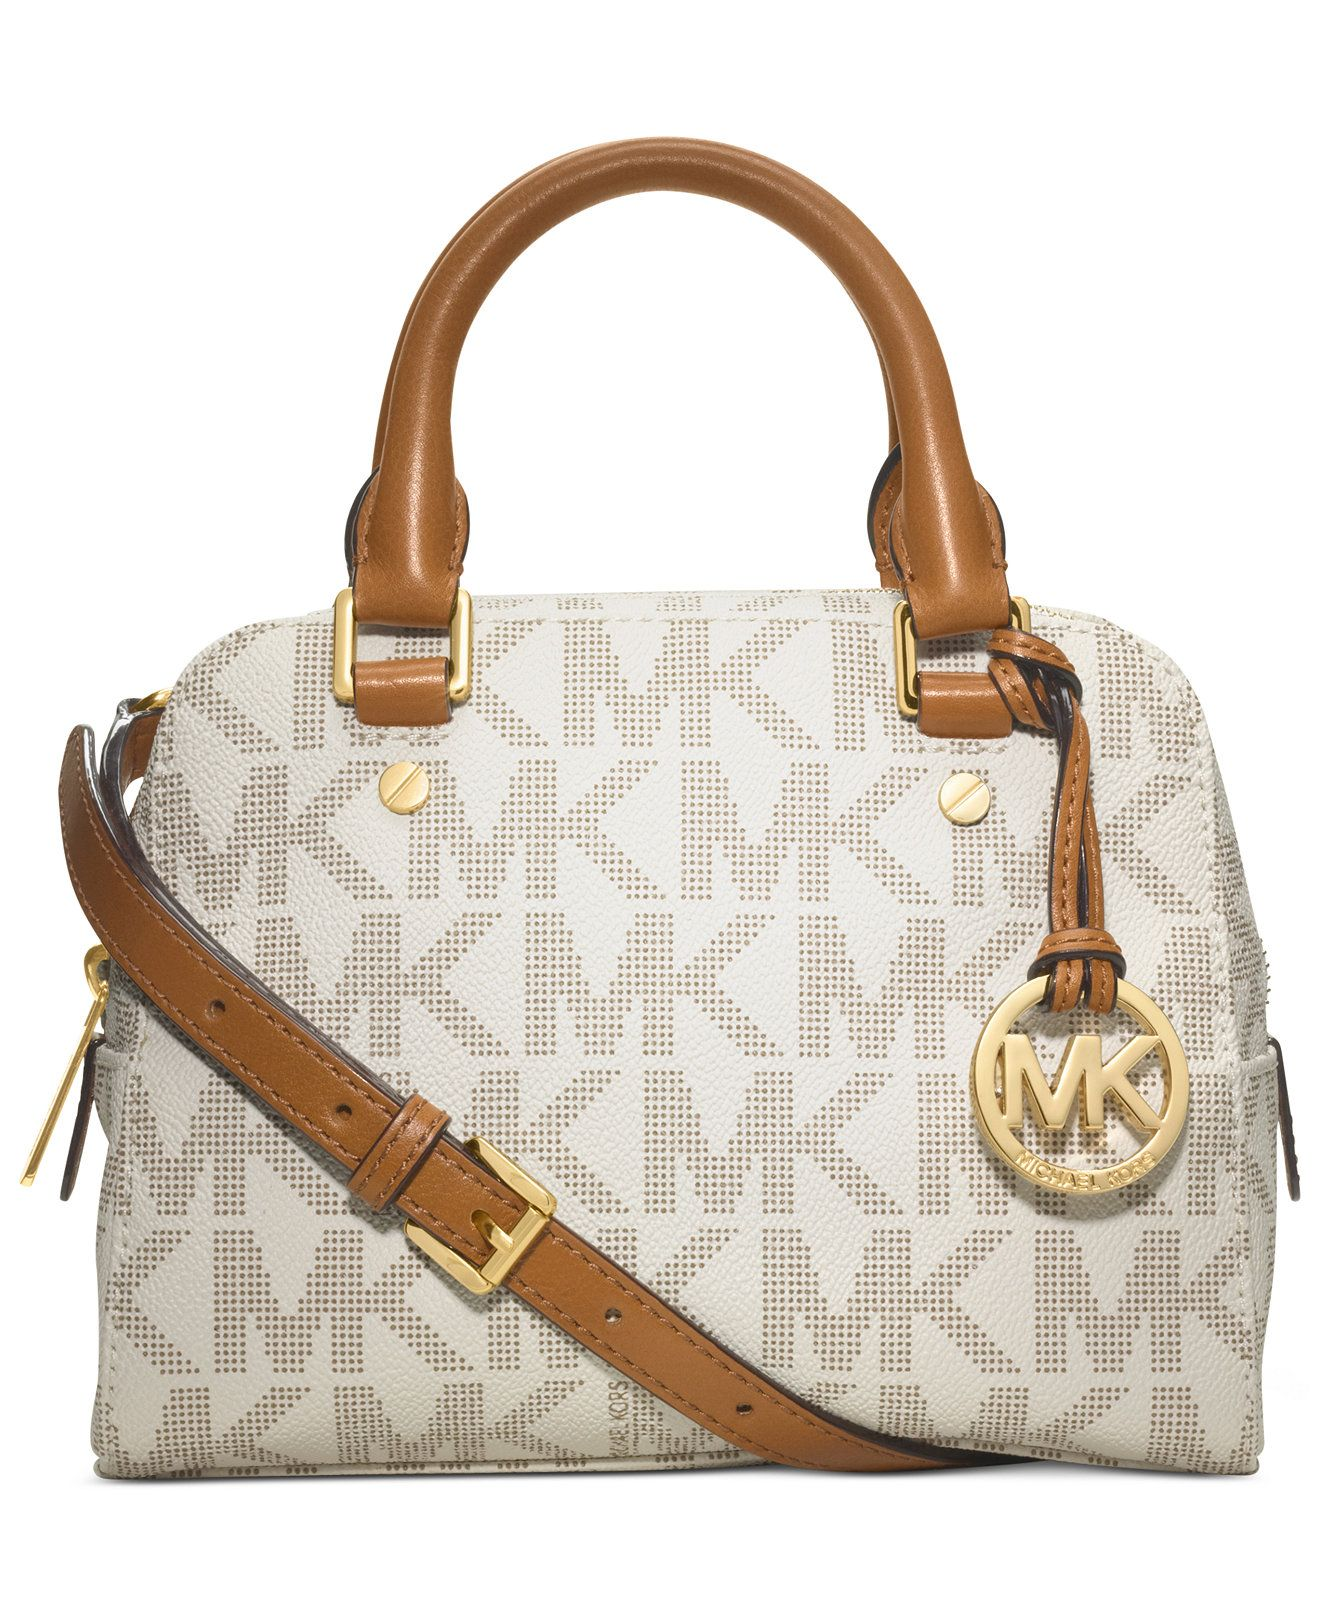 ... MICHAEL Michael Kors Jet Set Small Travel Satchel - Handbags Accessories  - Macys ... 481ba07e177af